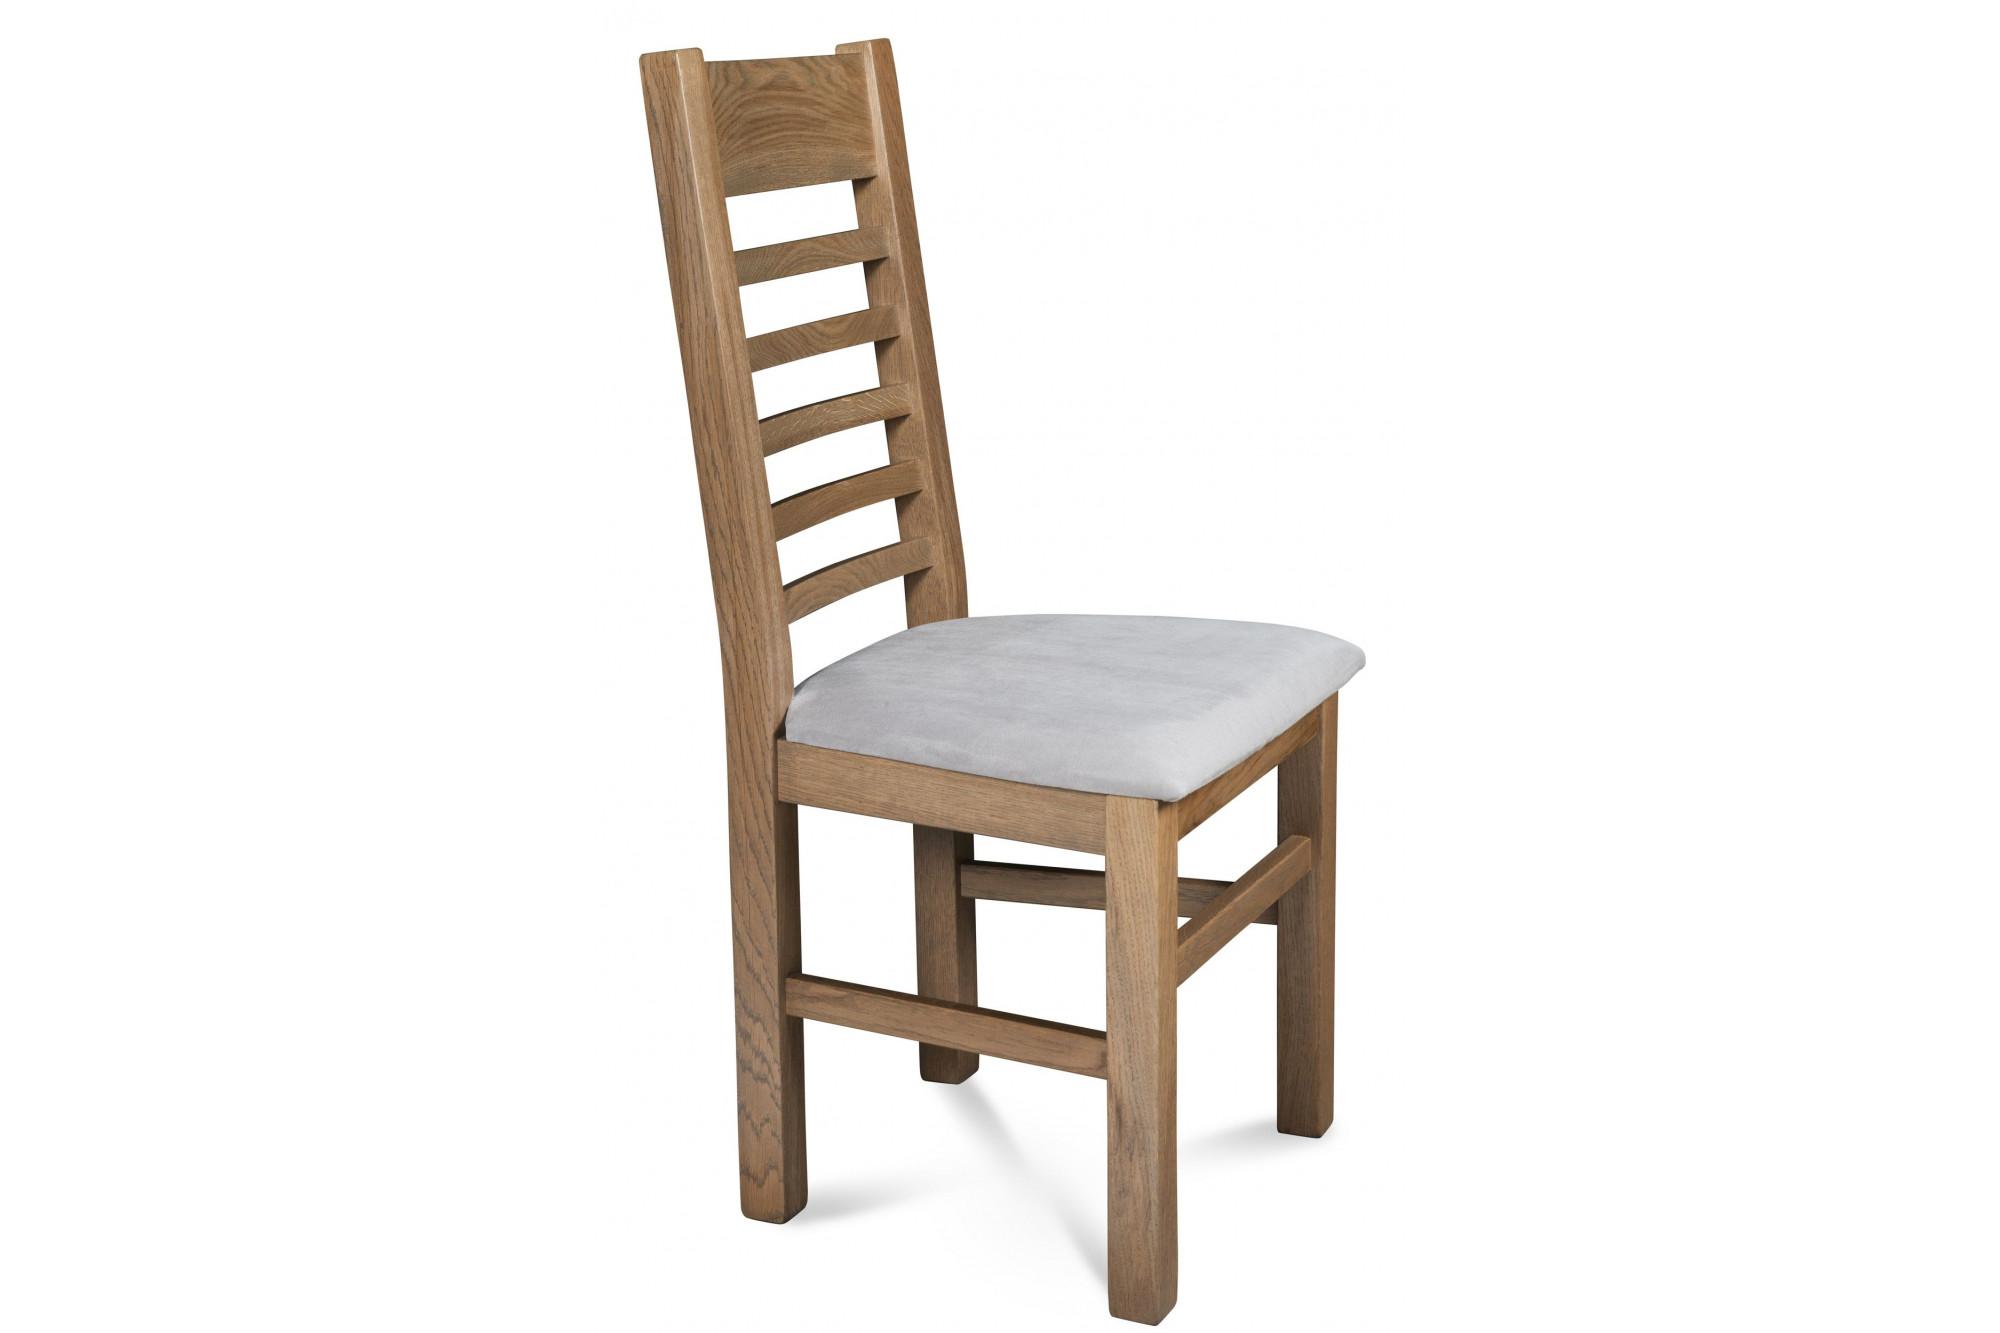 appuyez pour agrandir - Chaise En Chene